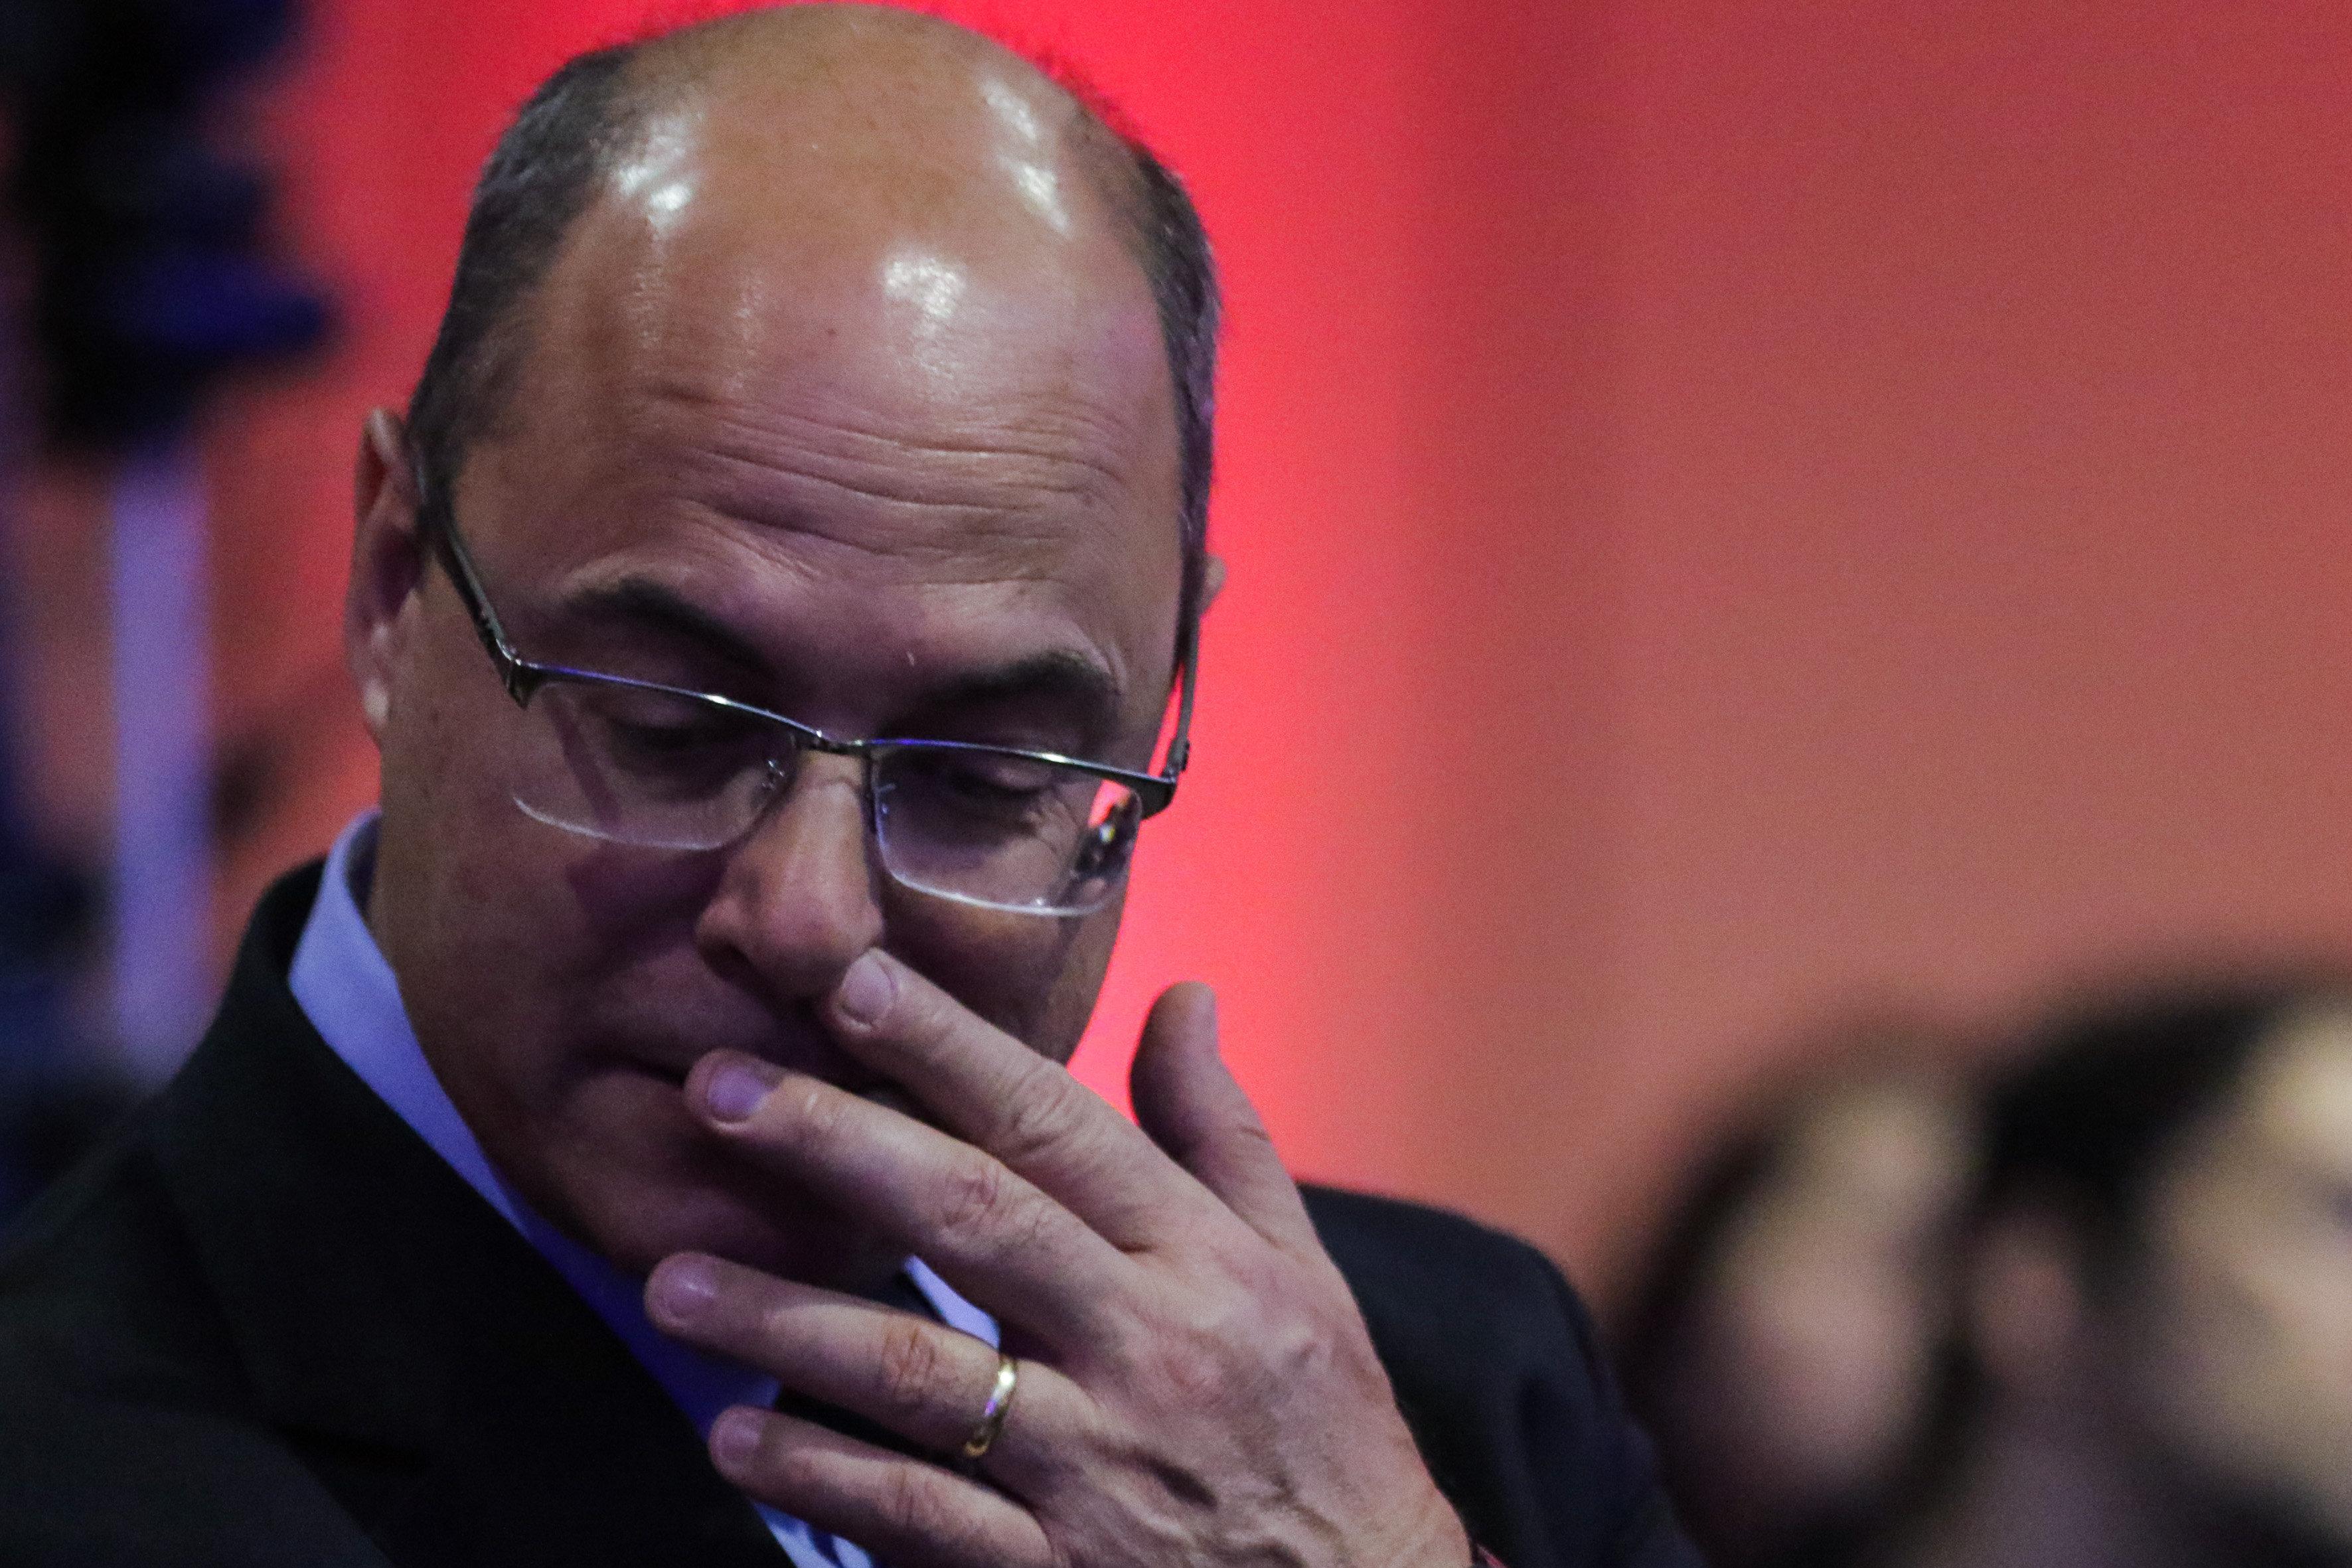 Corte Especial do STJ decide na quarta-feira se mantém afastamento de Witzel